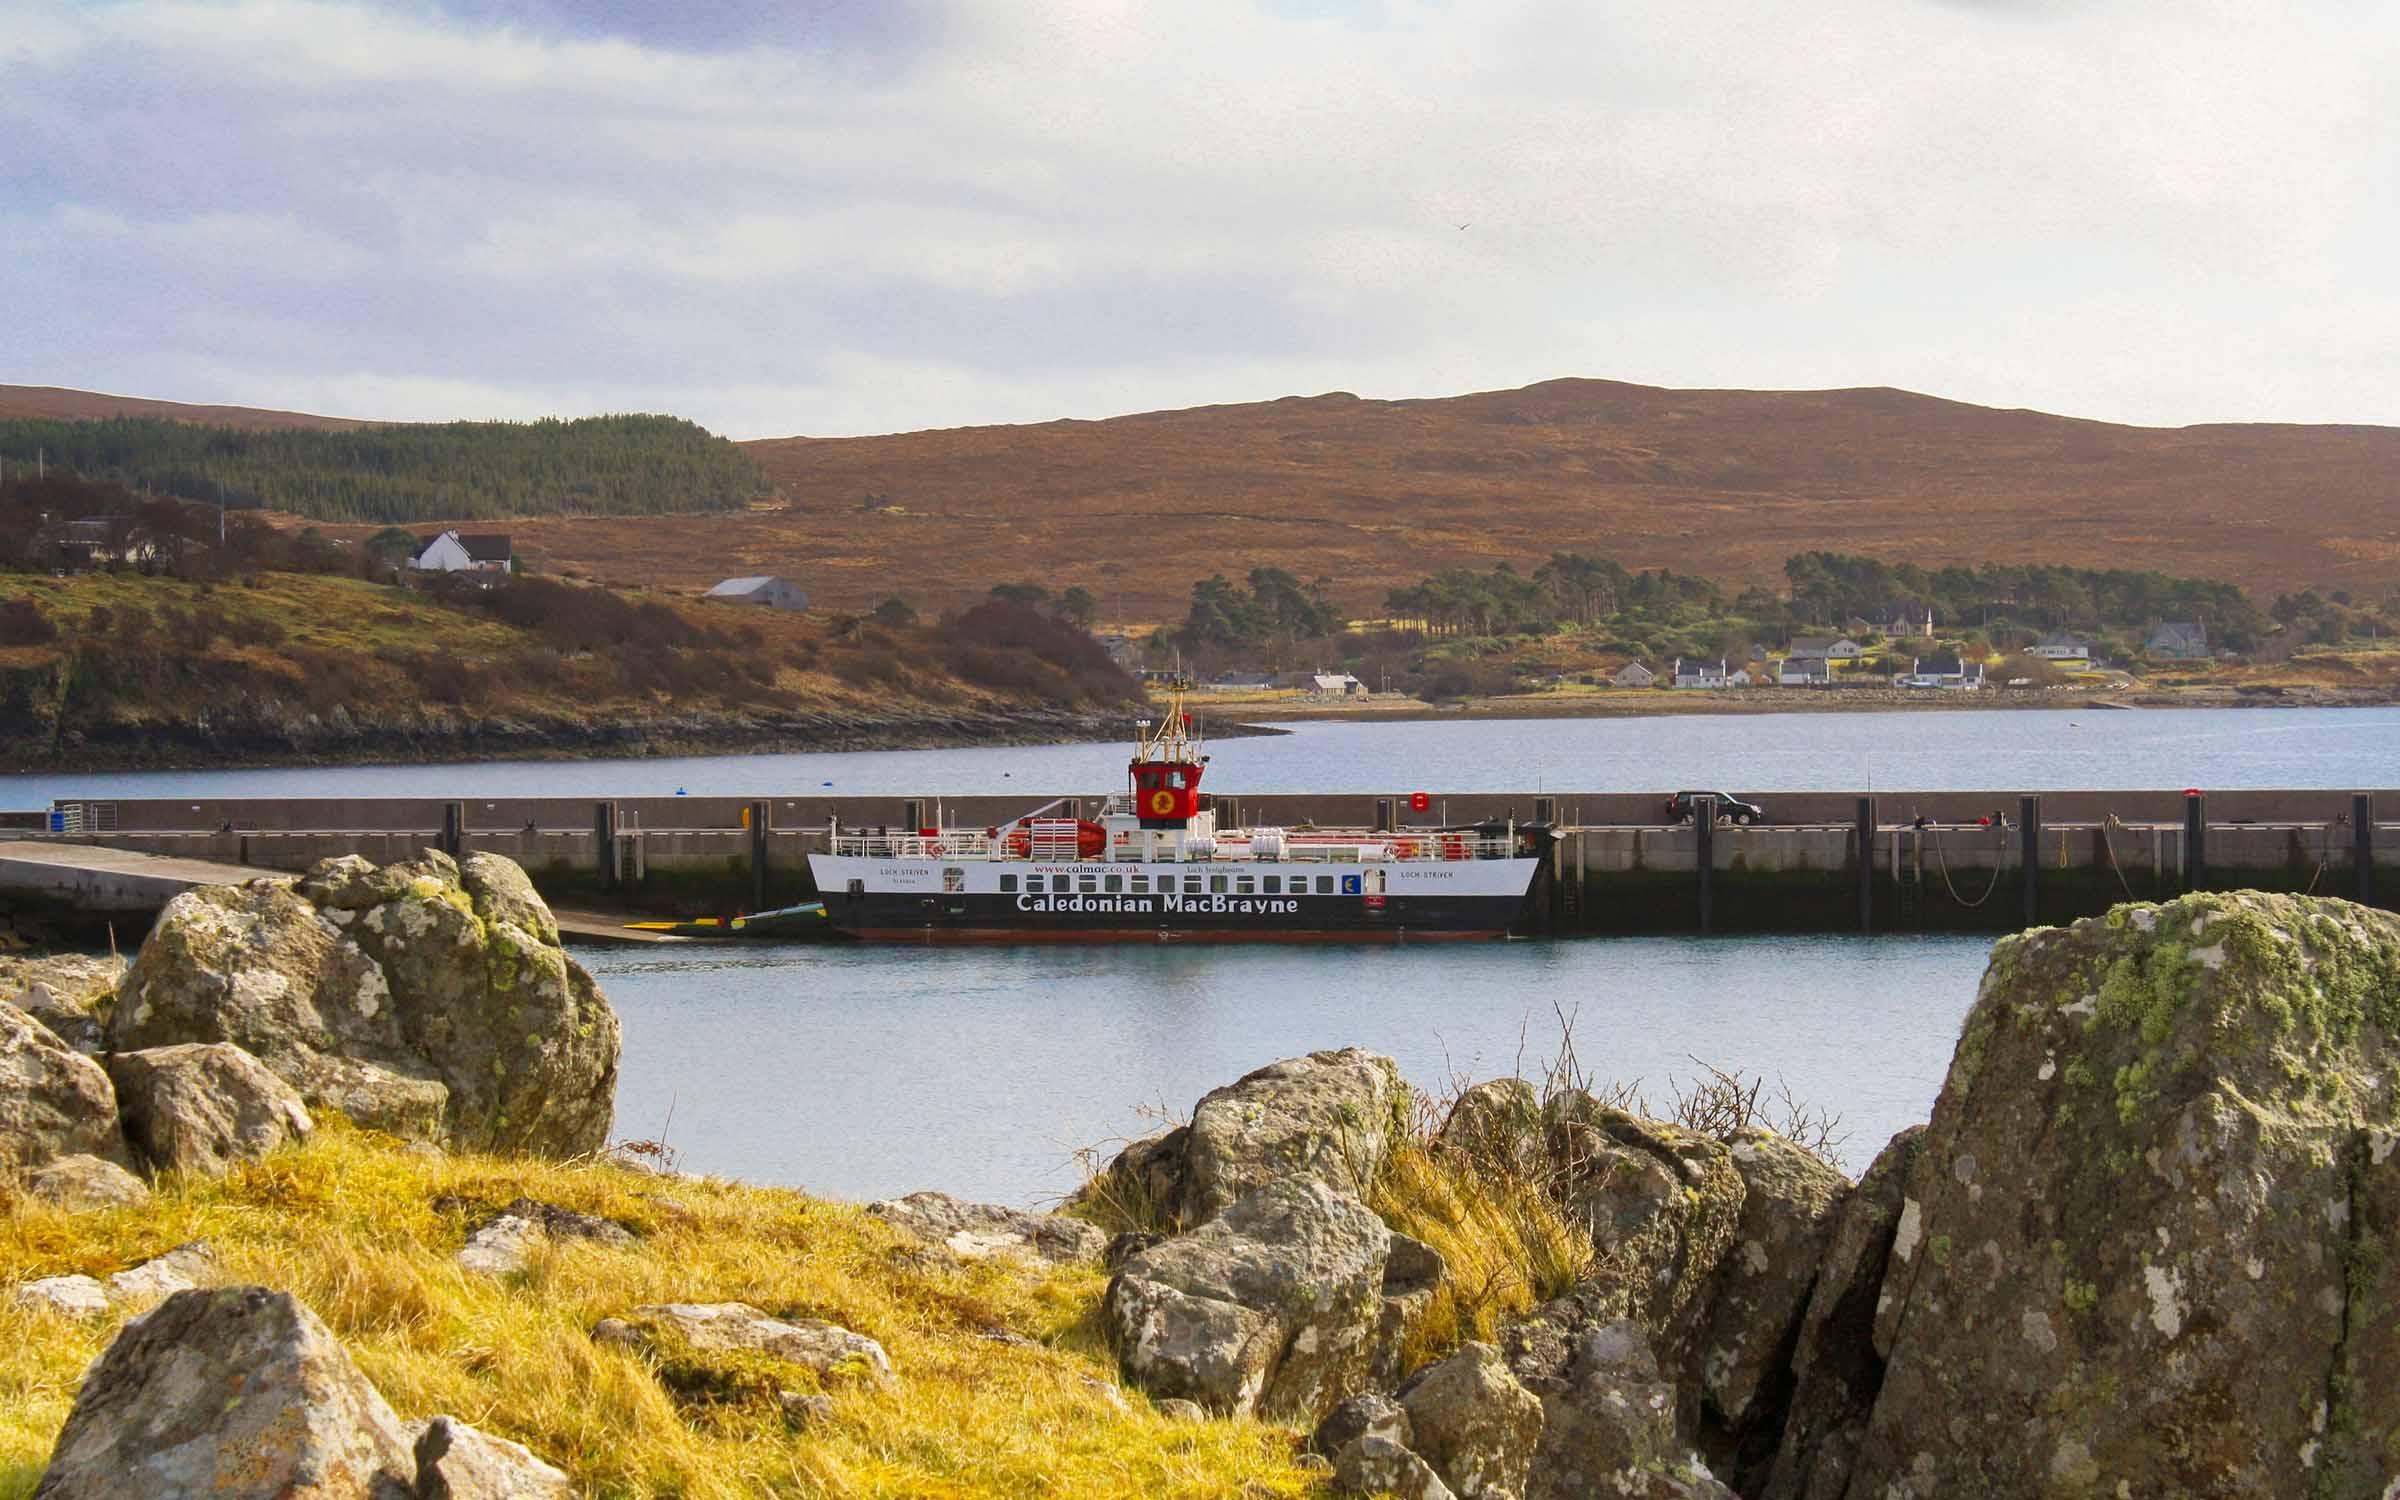 Loch Striven at Raasay's new terminal (Ships of CalMac)